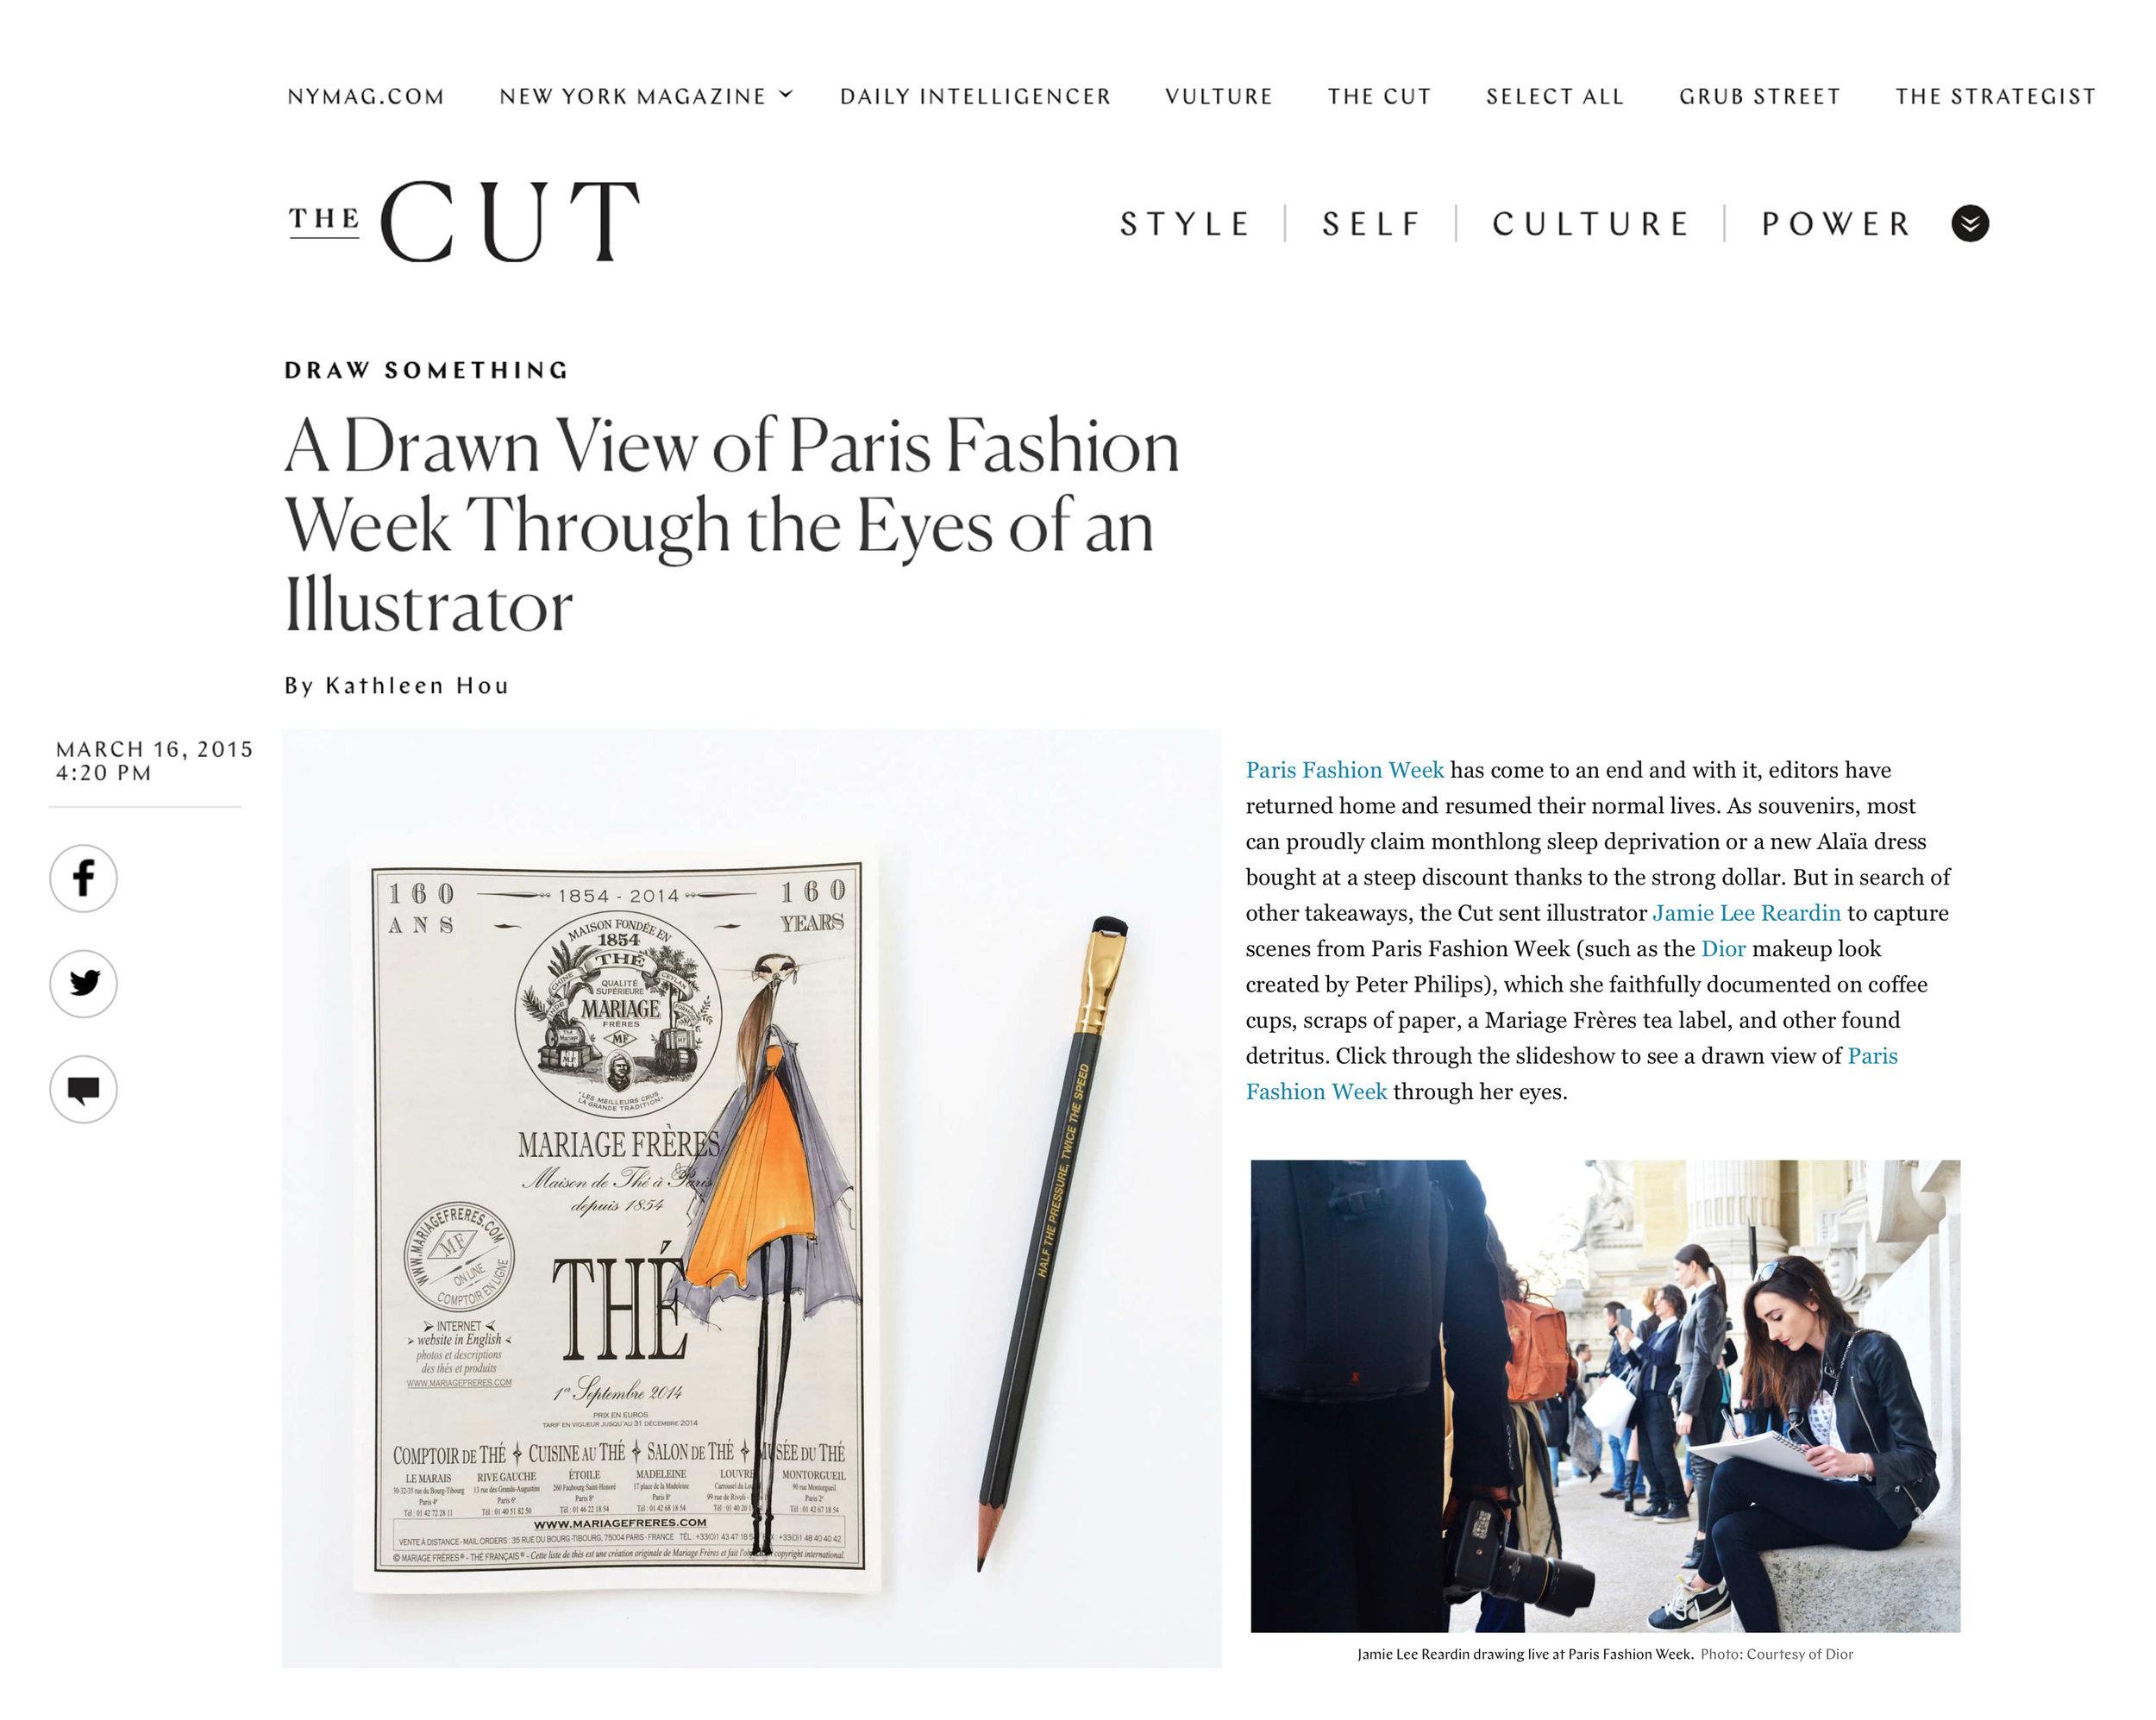 The Cut, A Drawn View of Paris Fashion Week...